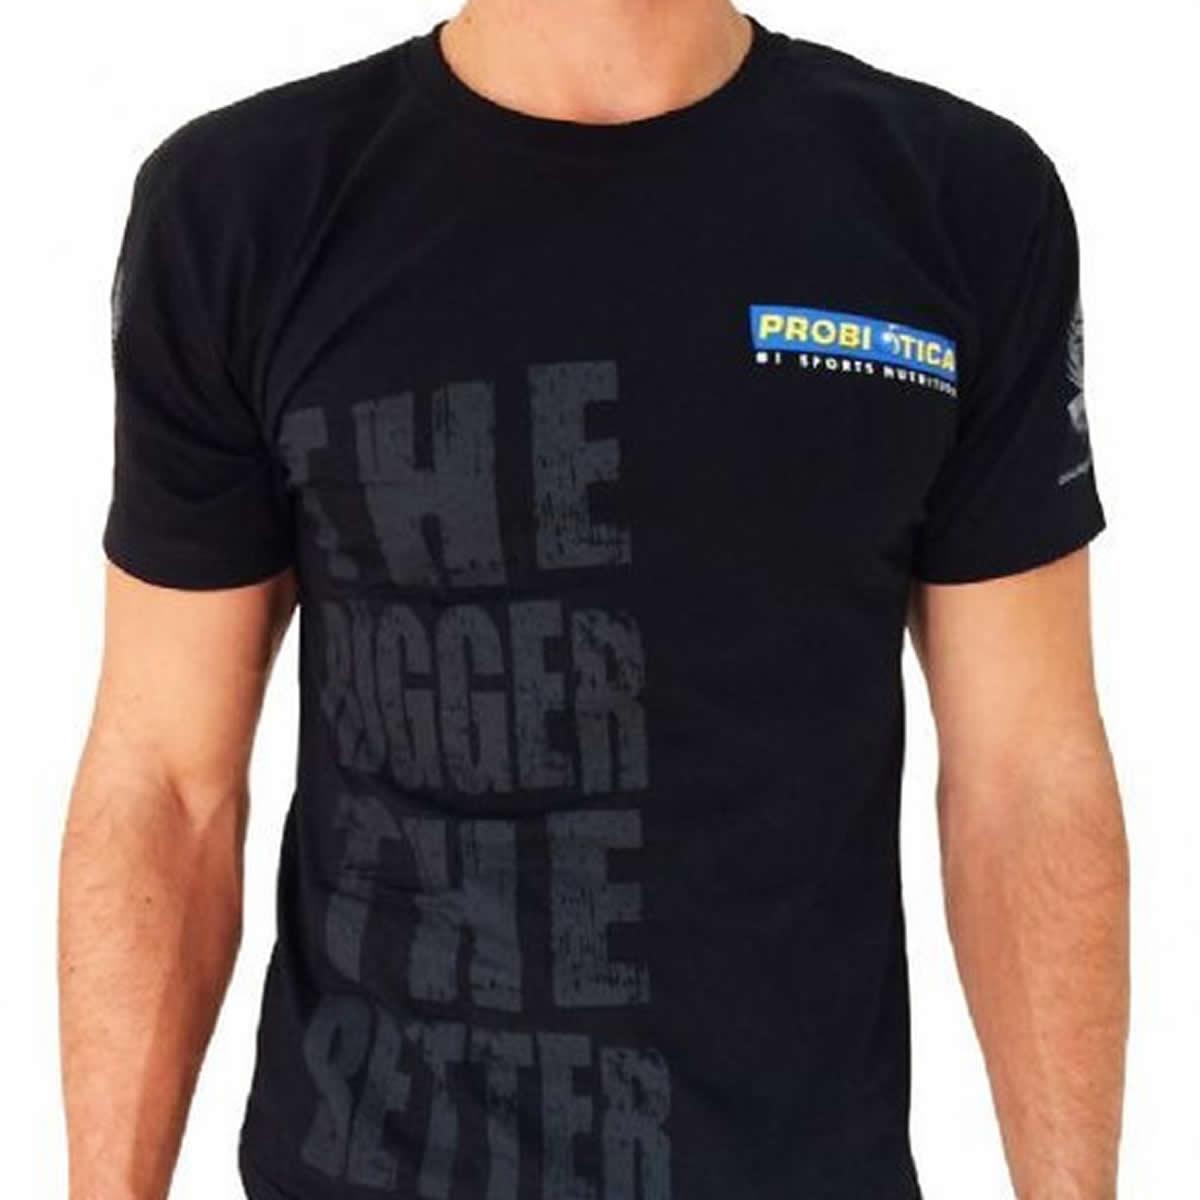 Camiseta Algodão The Bigger The Batter - Probiótica